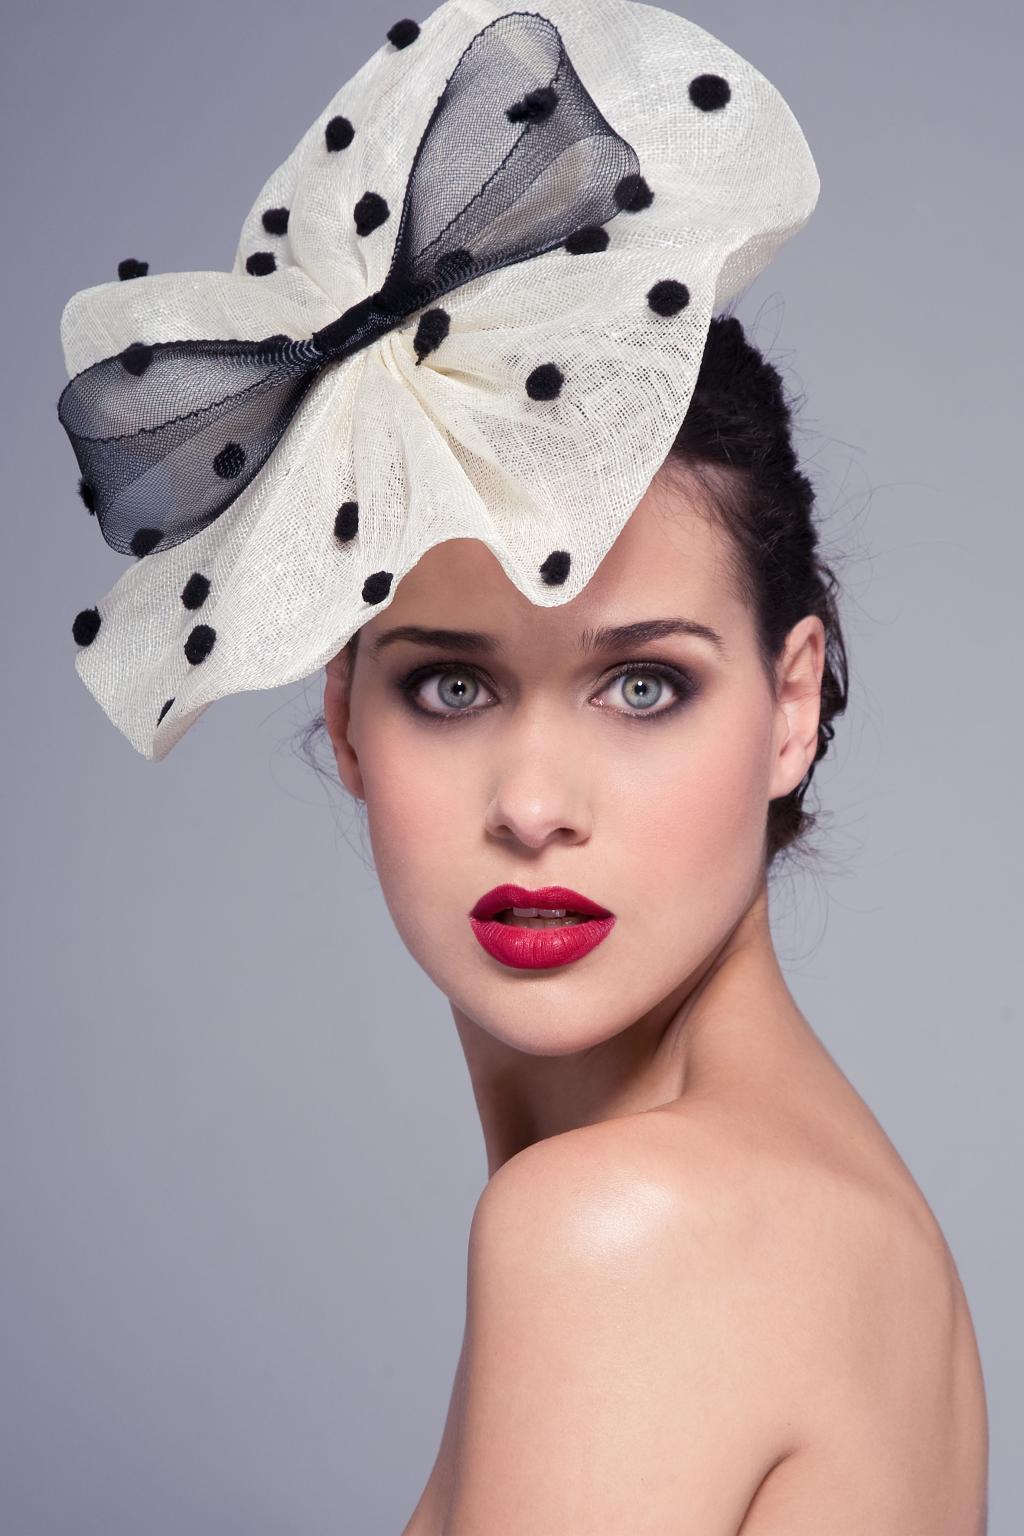 iris lezcano actrices españolas guapas fotos